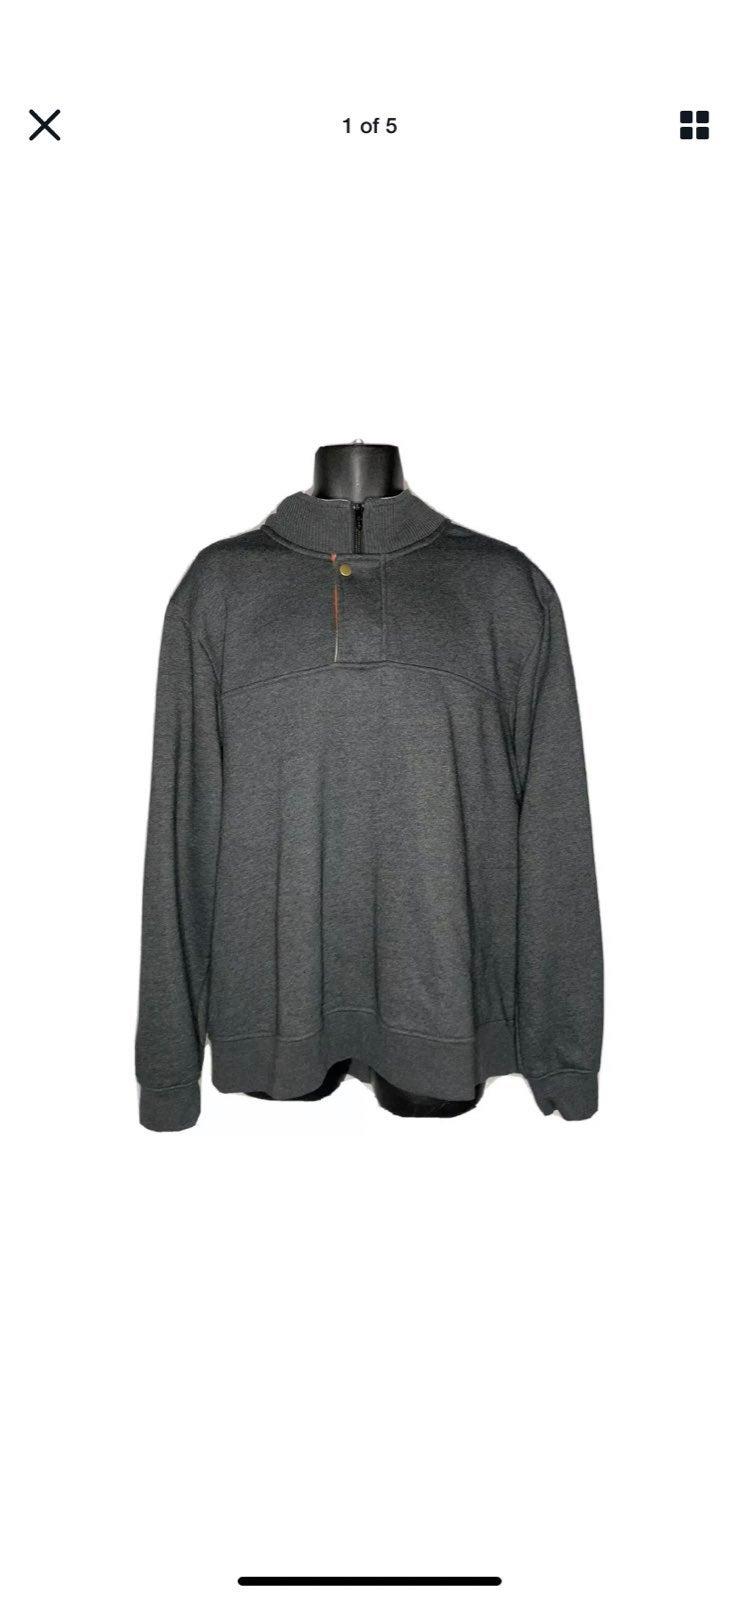 ORVIS Gray Quarter Zip Snap Sweatshirt